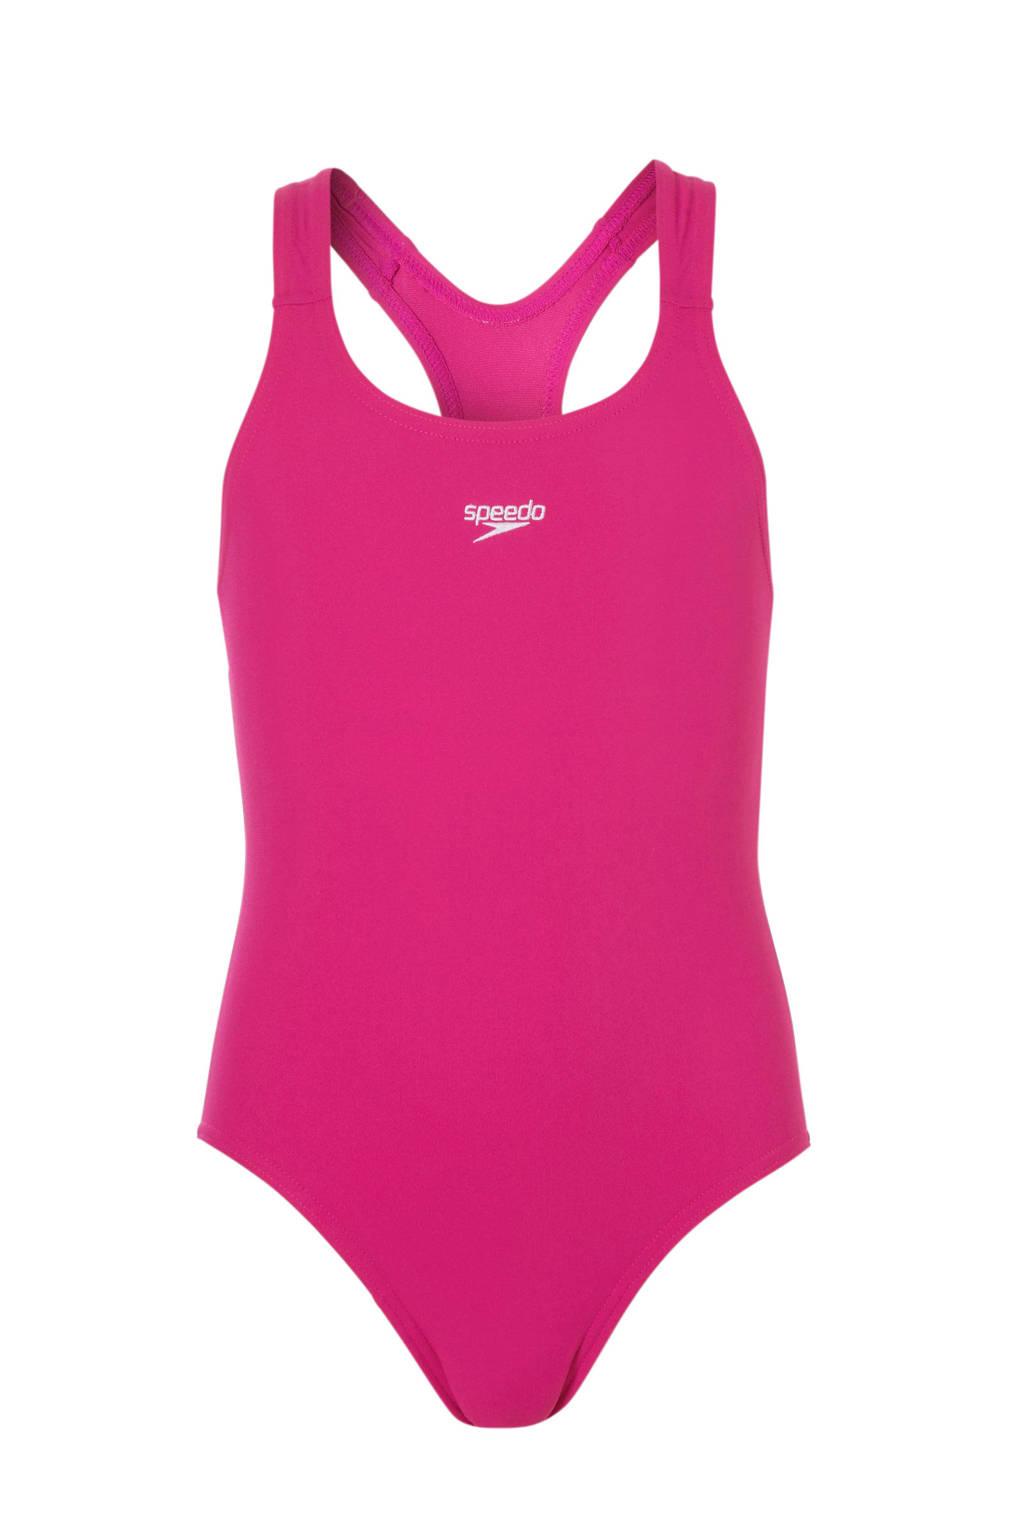 Speedo sportbadpak Medalist roze, Roze